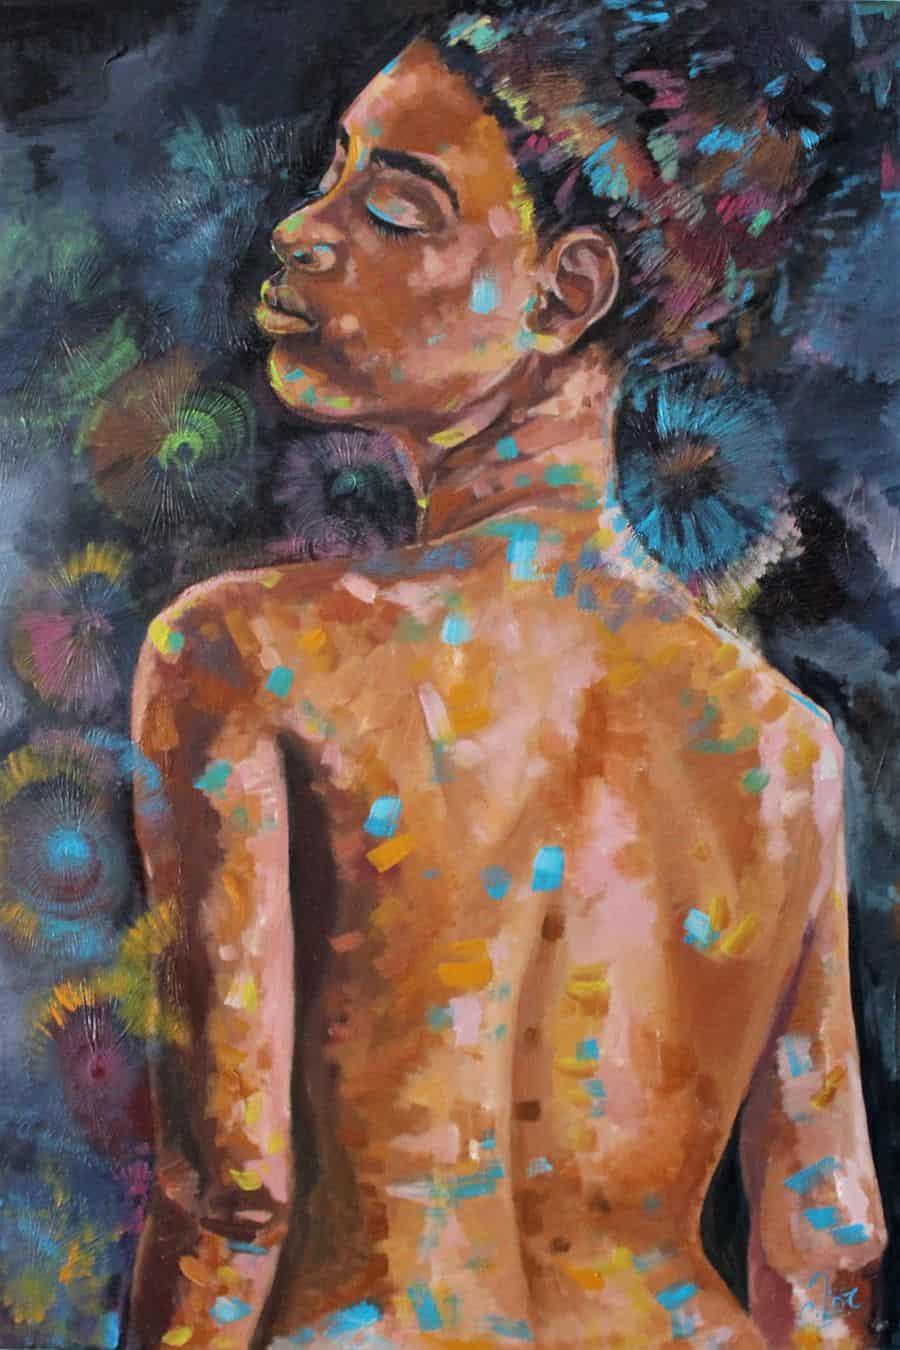 Mauritius Arts & Artists - mauritius_arts_veronique_christine_laurent_femme_illois